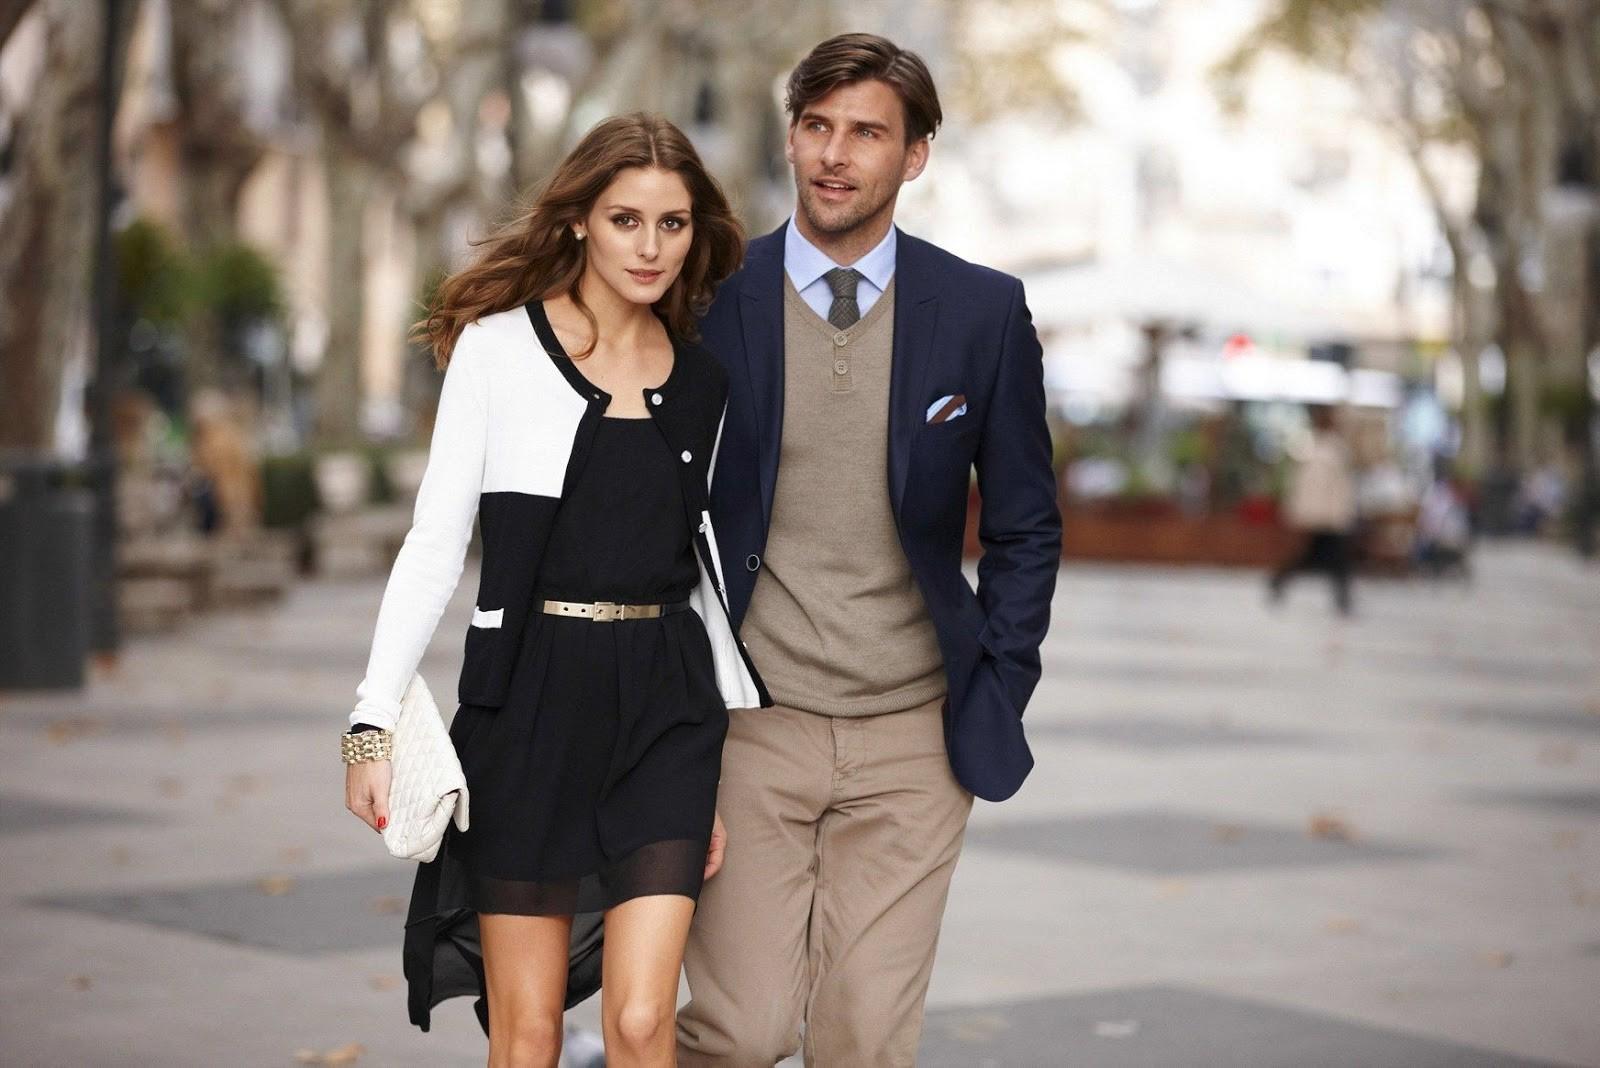 Iconic_Couples_OliviaPalermo_JohannesHuebl_Fabulous_Muses